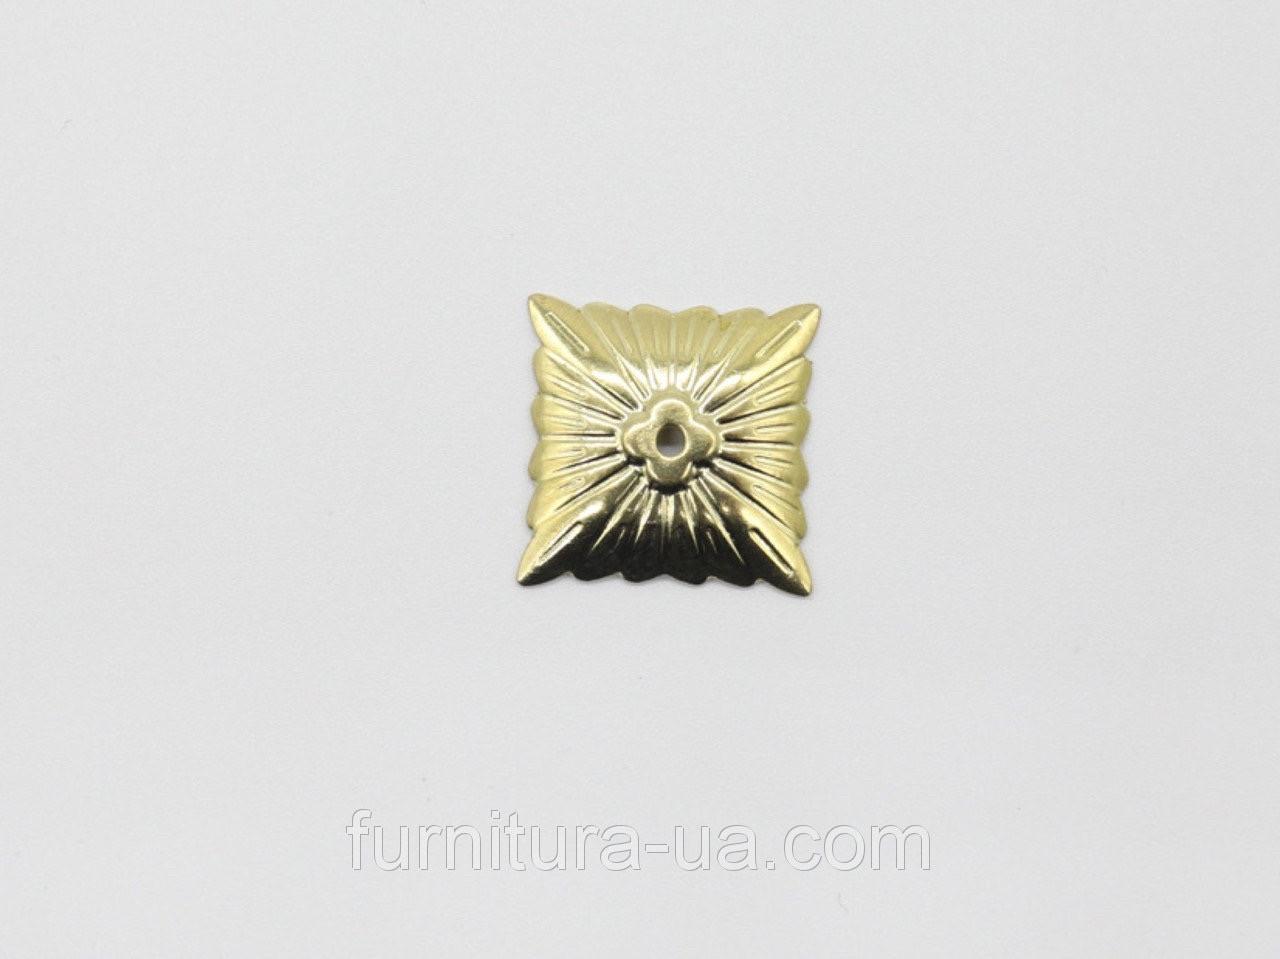 Декоративні накладки. Колір золото.20мм